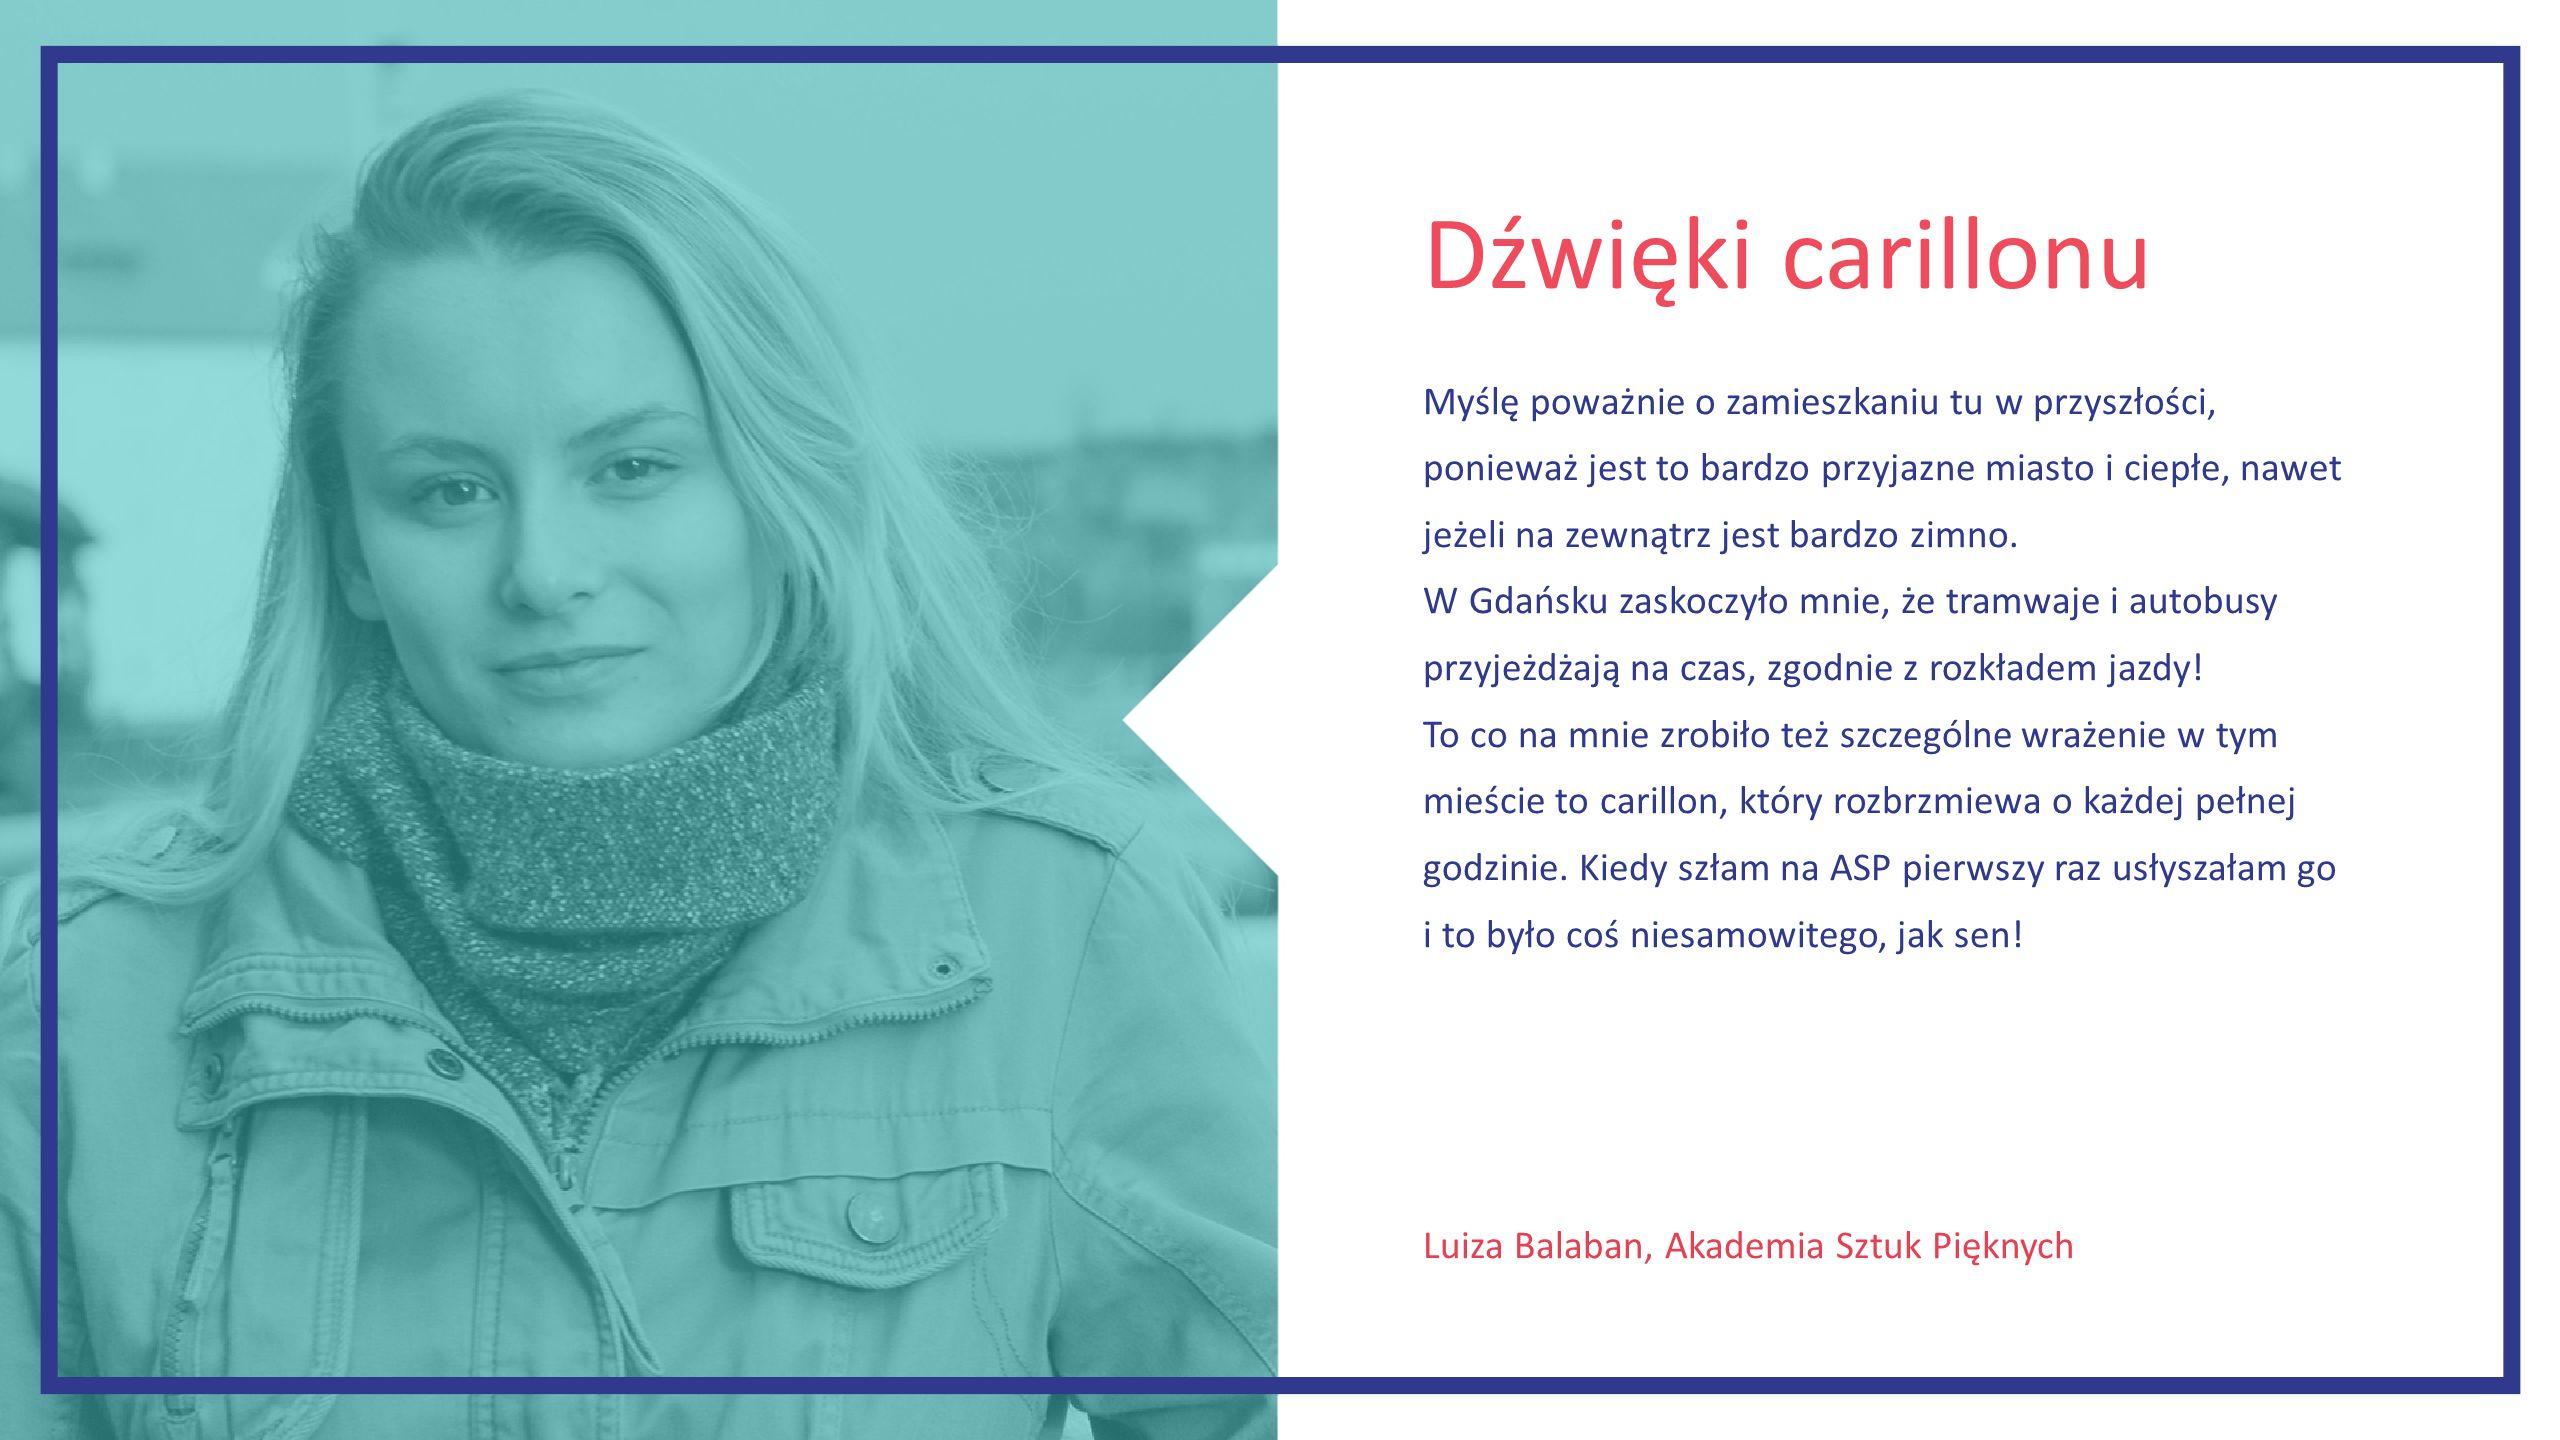 zapraszamy na stronę internetową study-gdansk.com